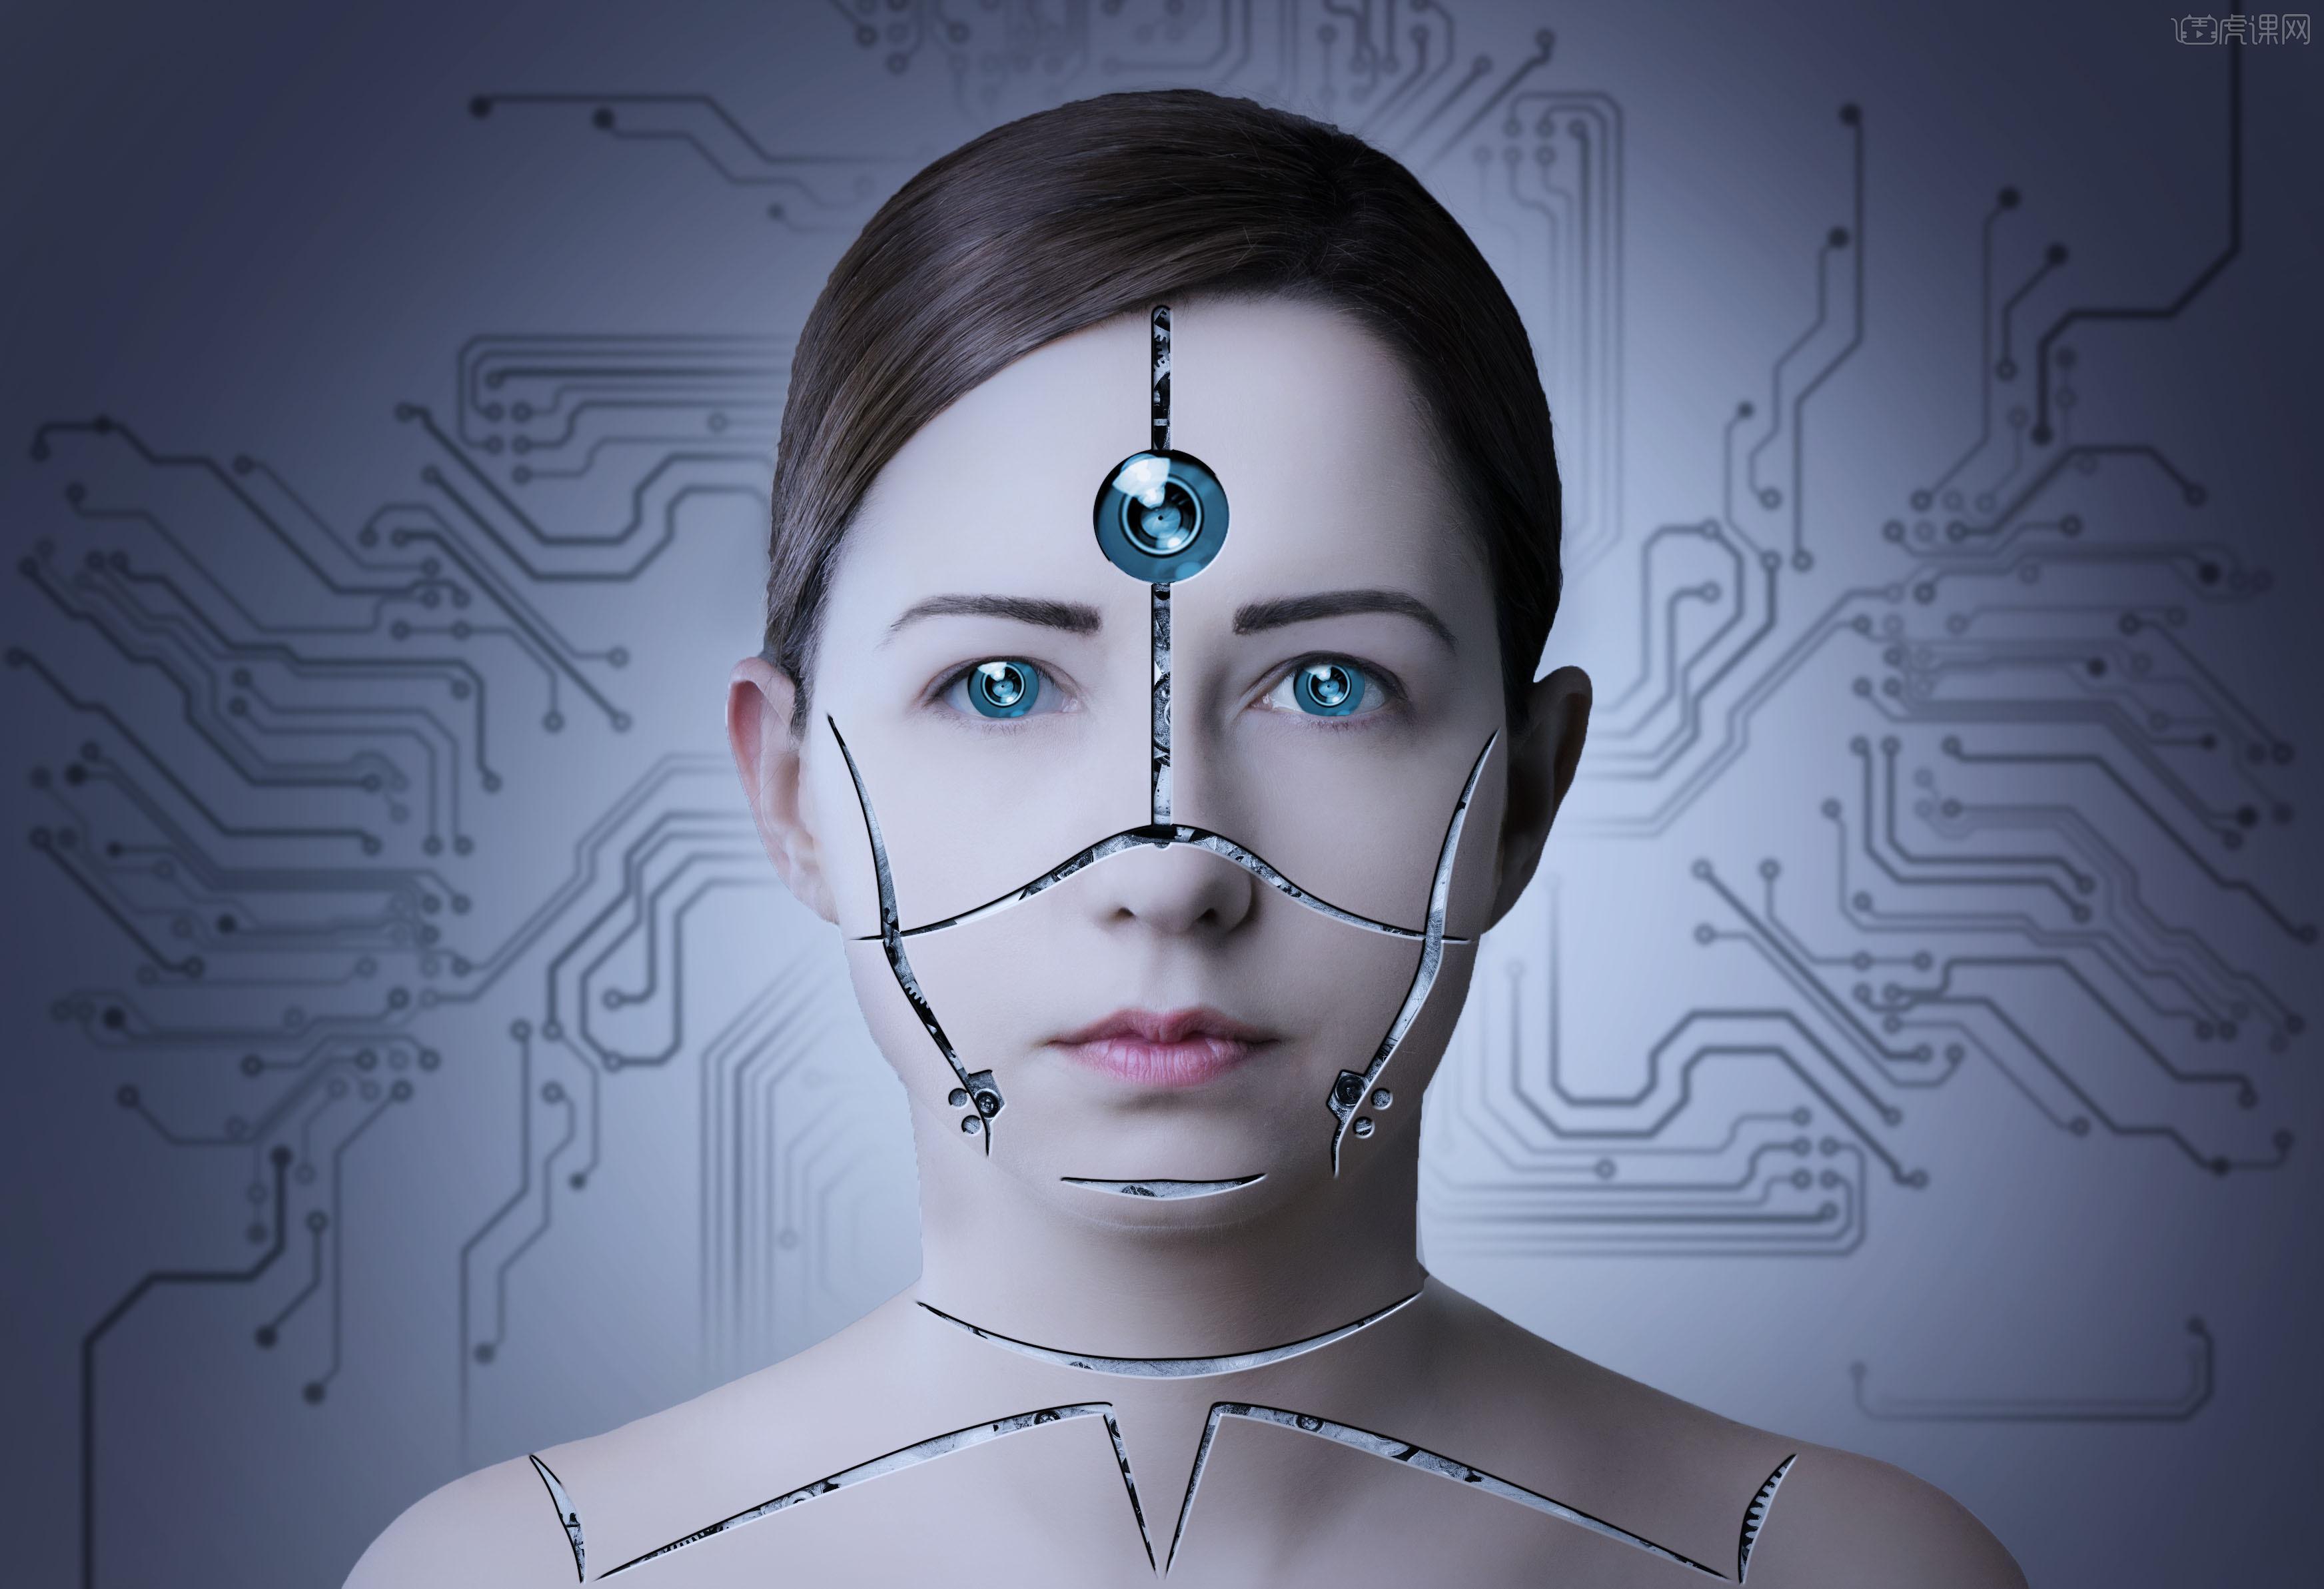 令人难以置信的宣传视频显示:人工智能房事机器人能模仿人类一切